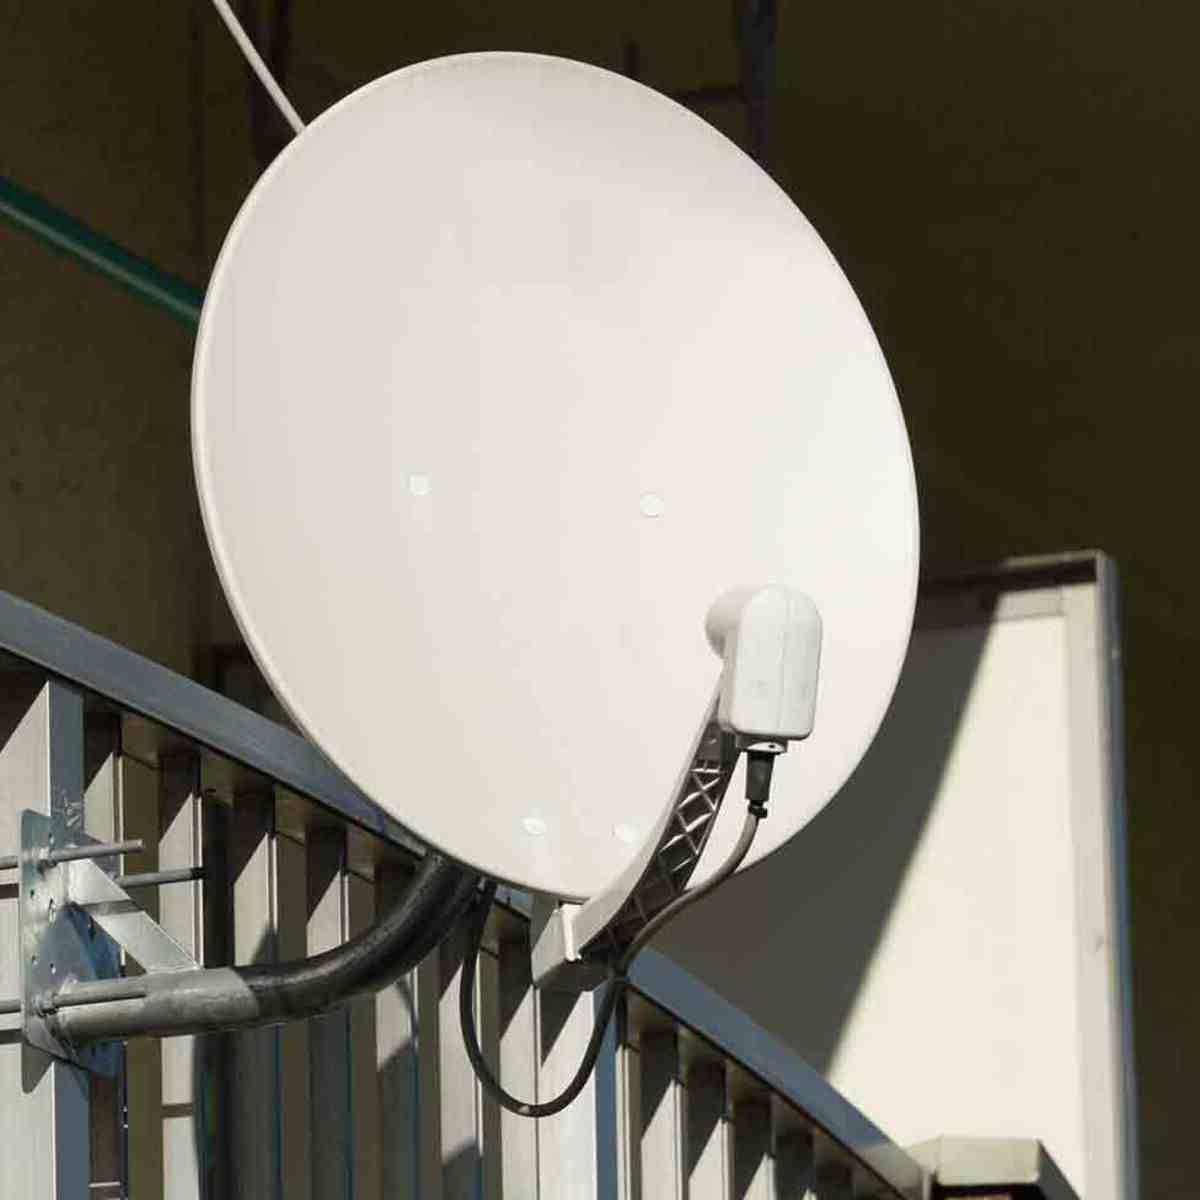 Quelle antenne intérieure pour TNT HD ?